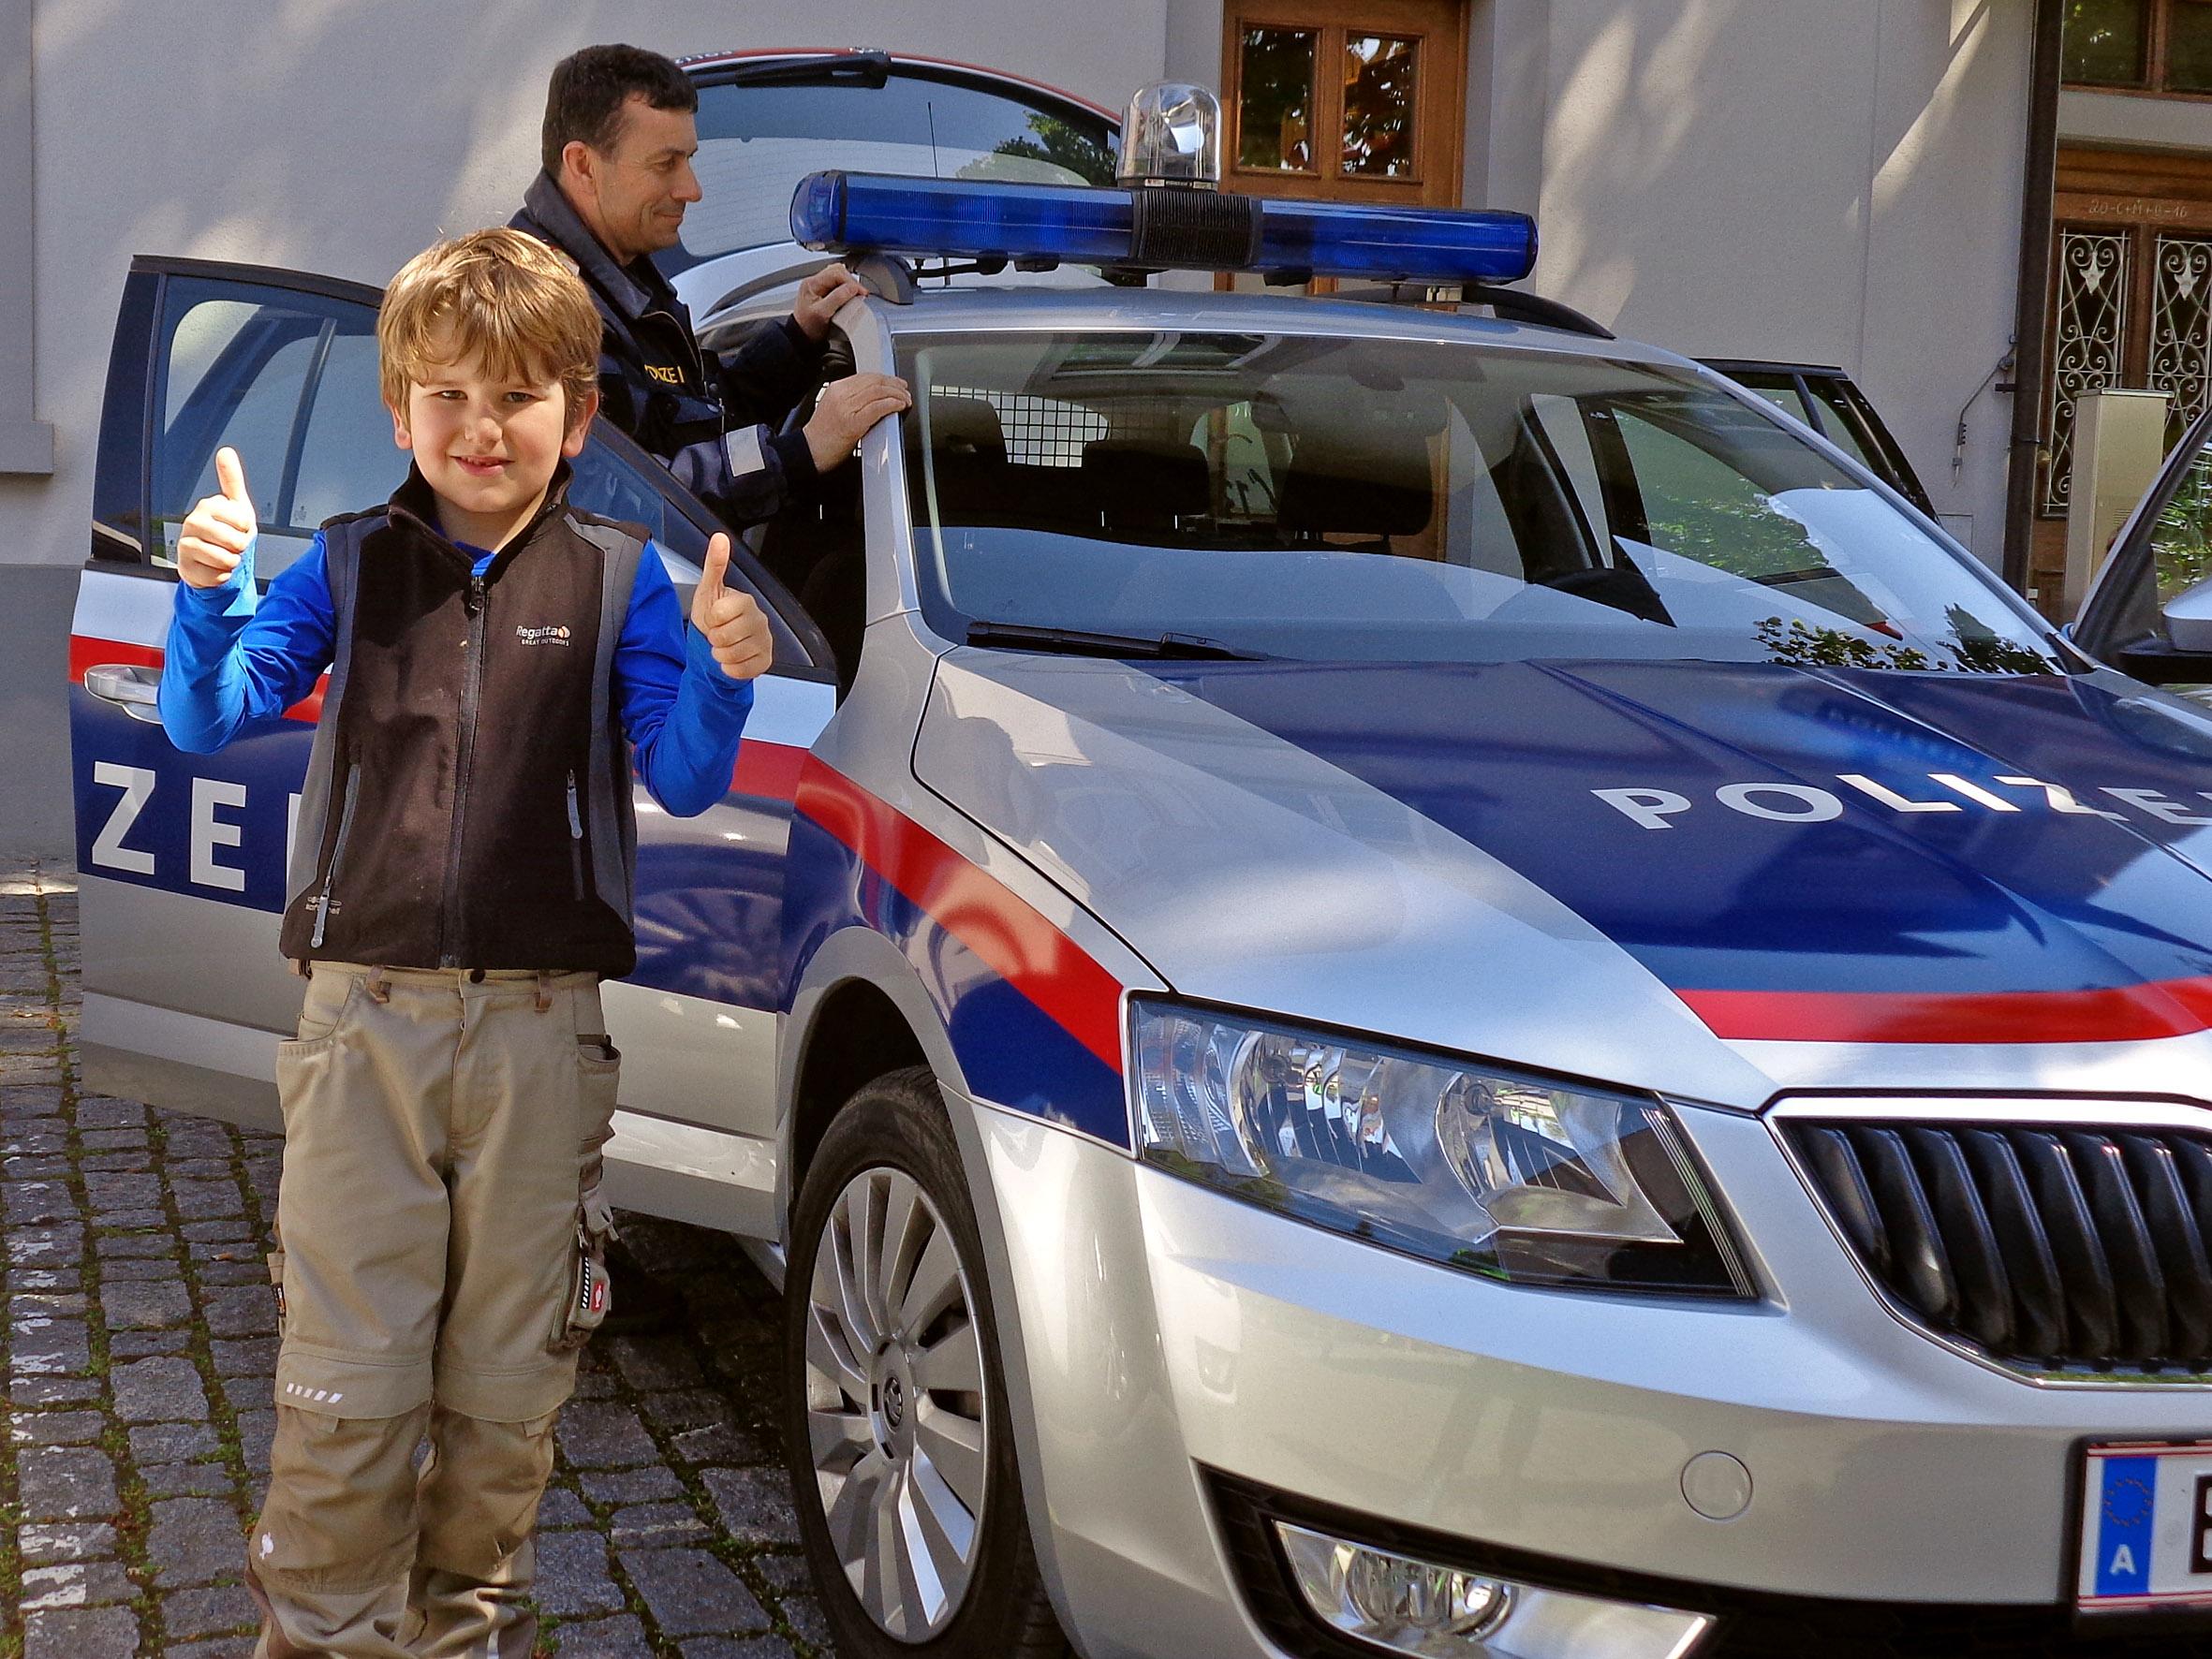 Familienexkursion_Polizeiinspektion_06.JPG